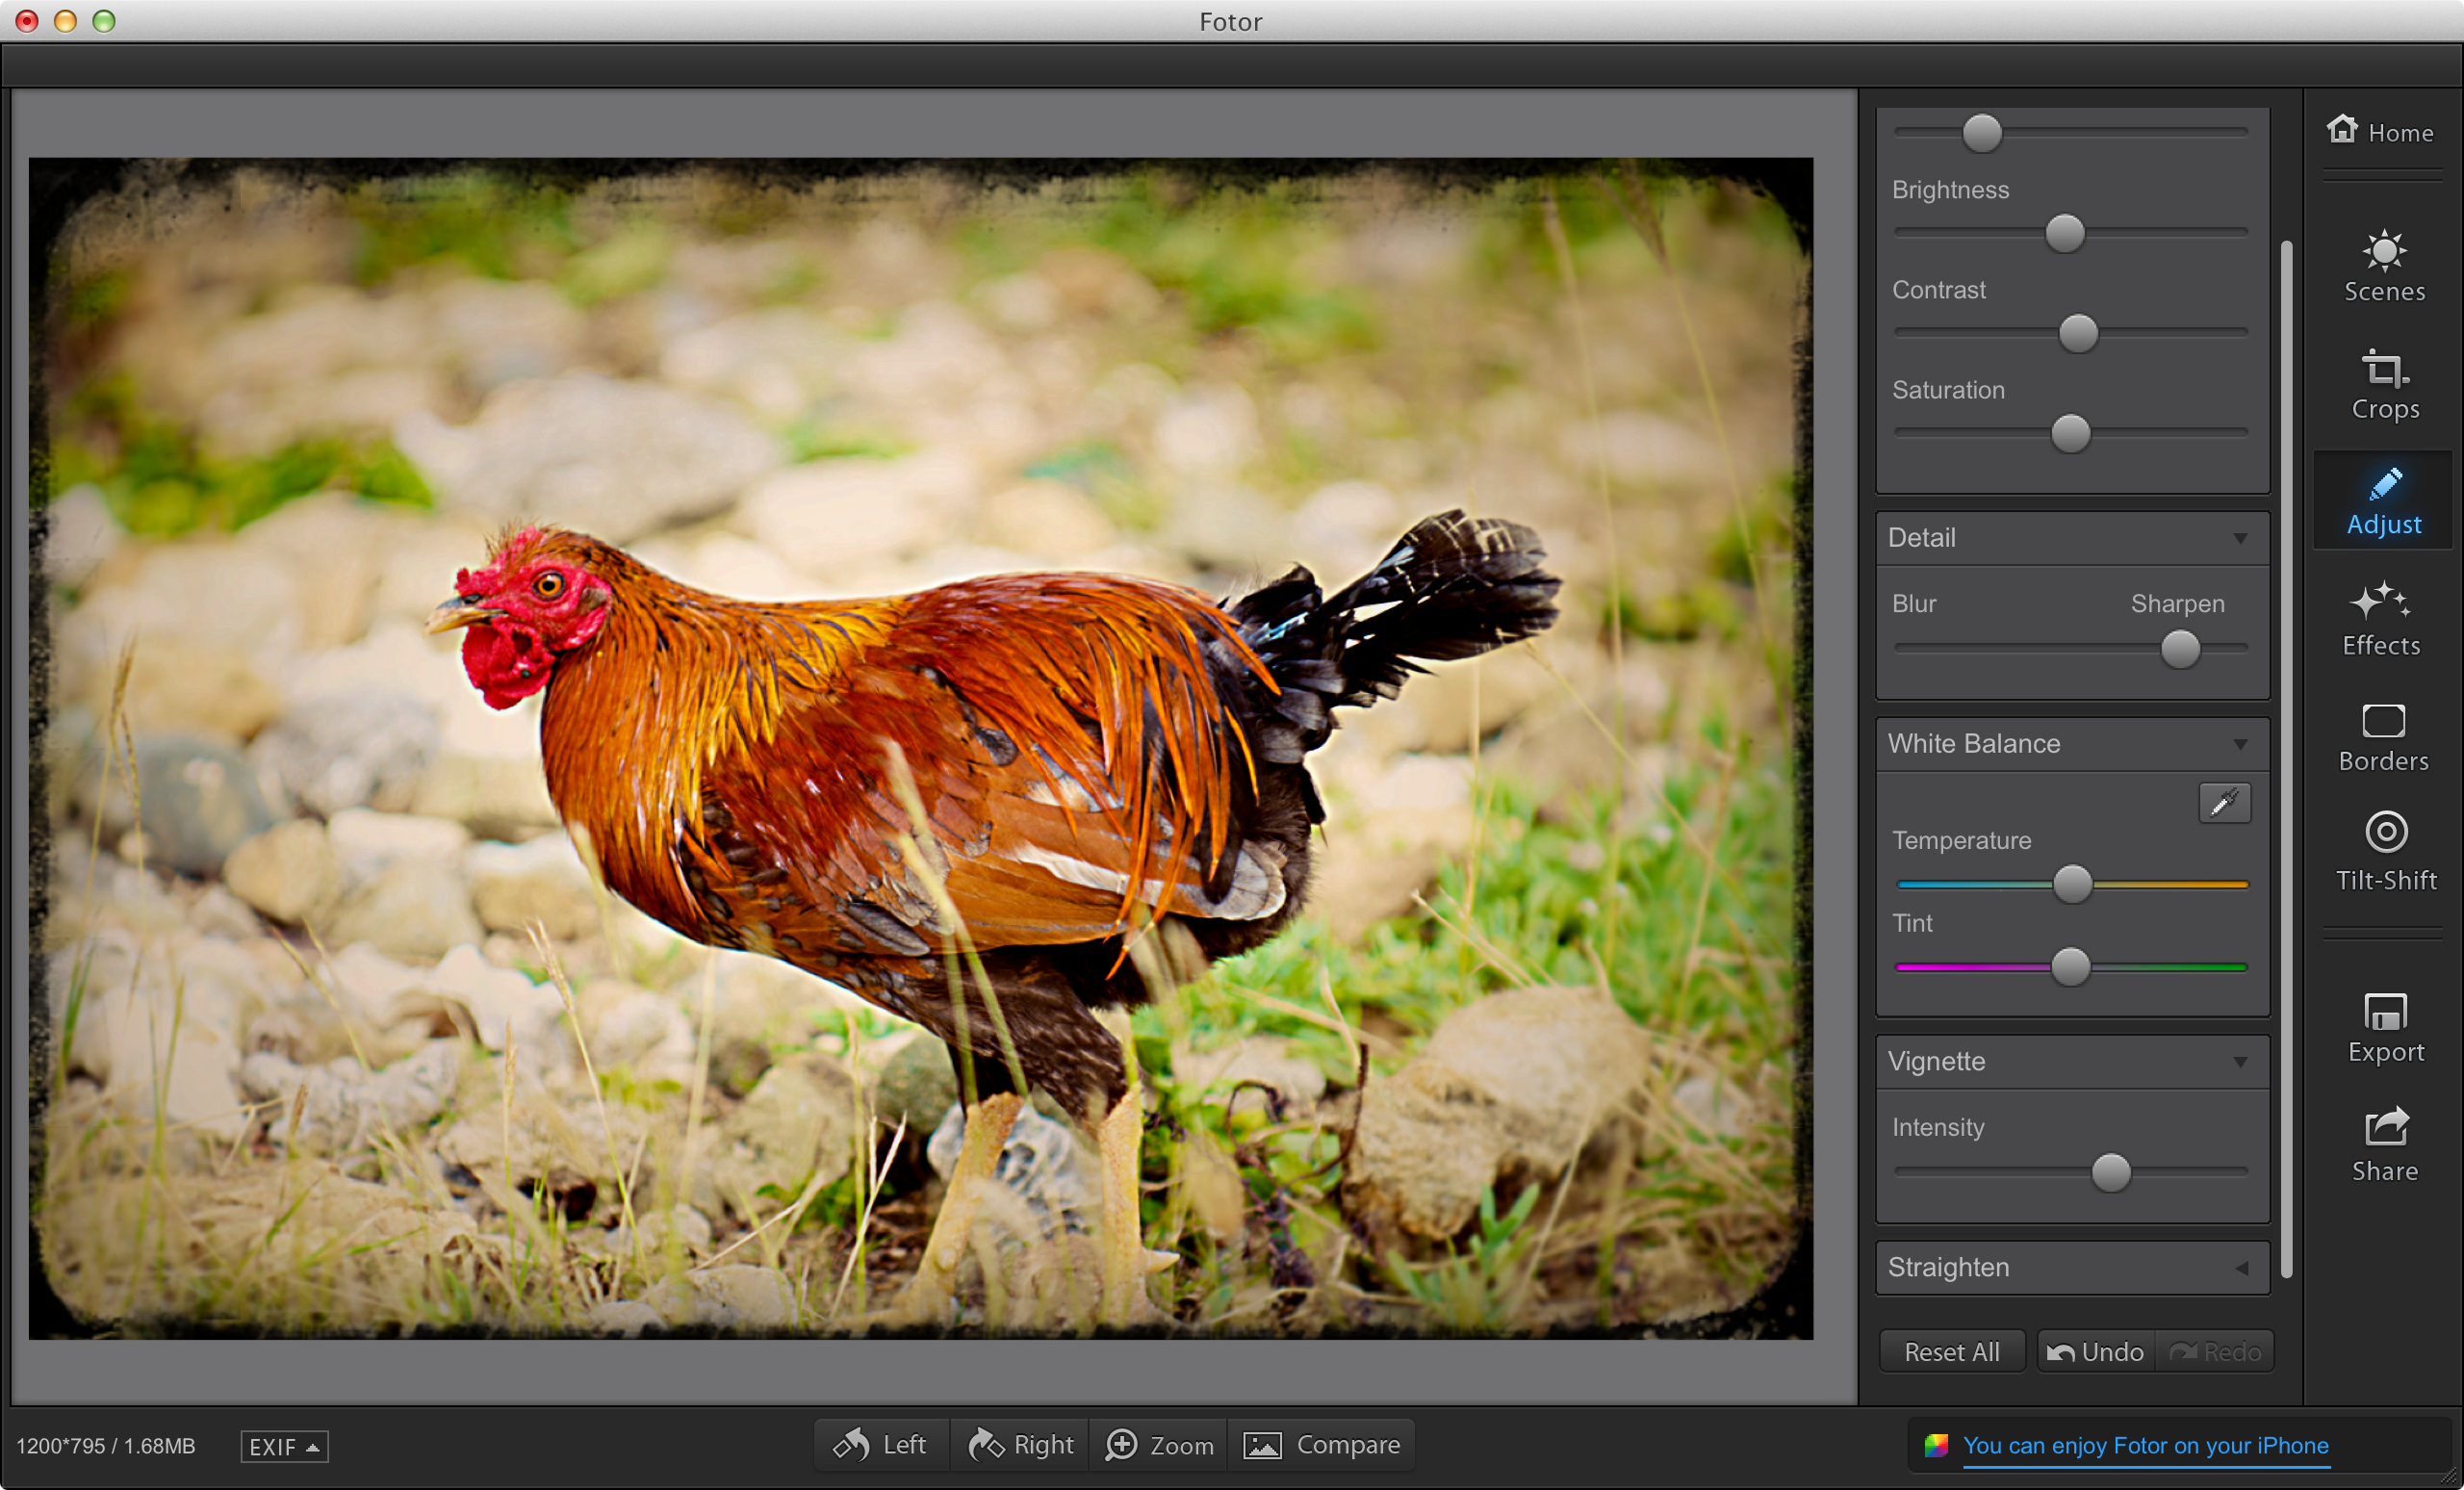 Fotor Edit Mode